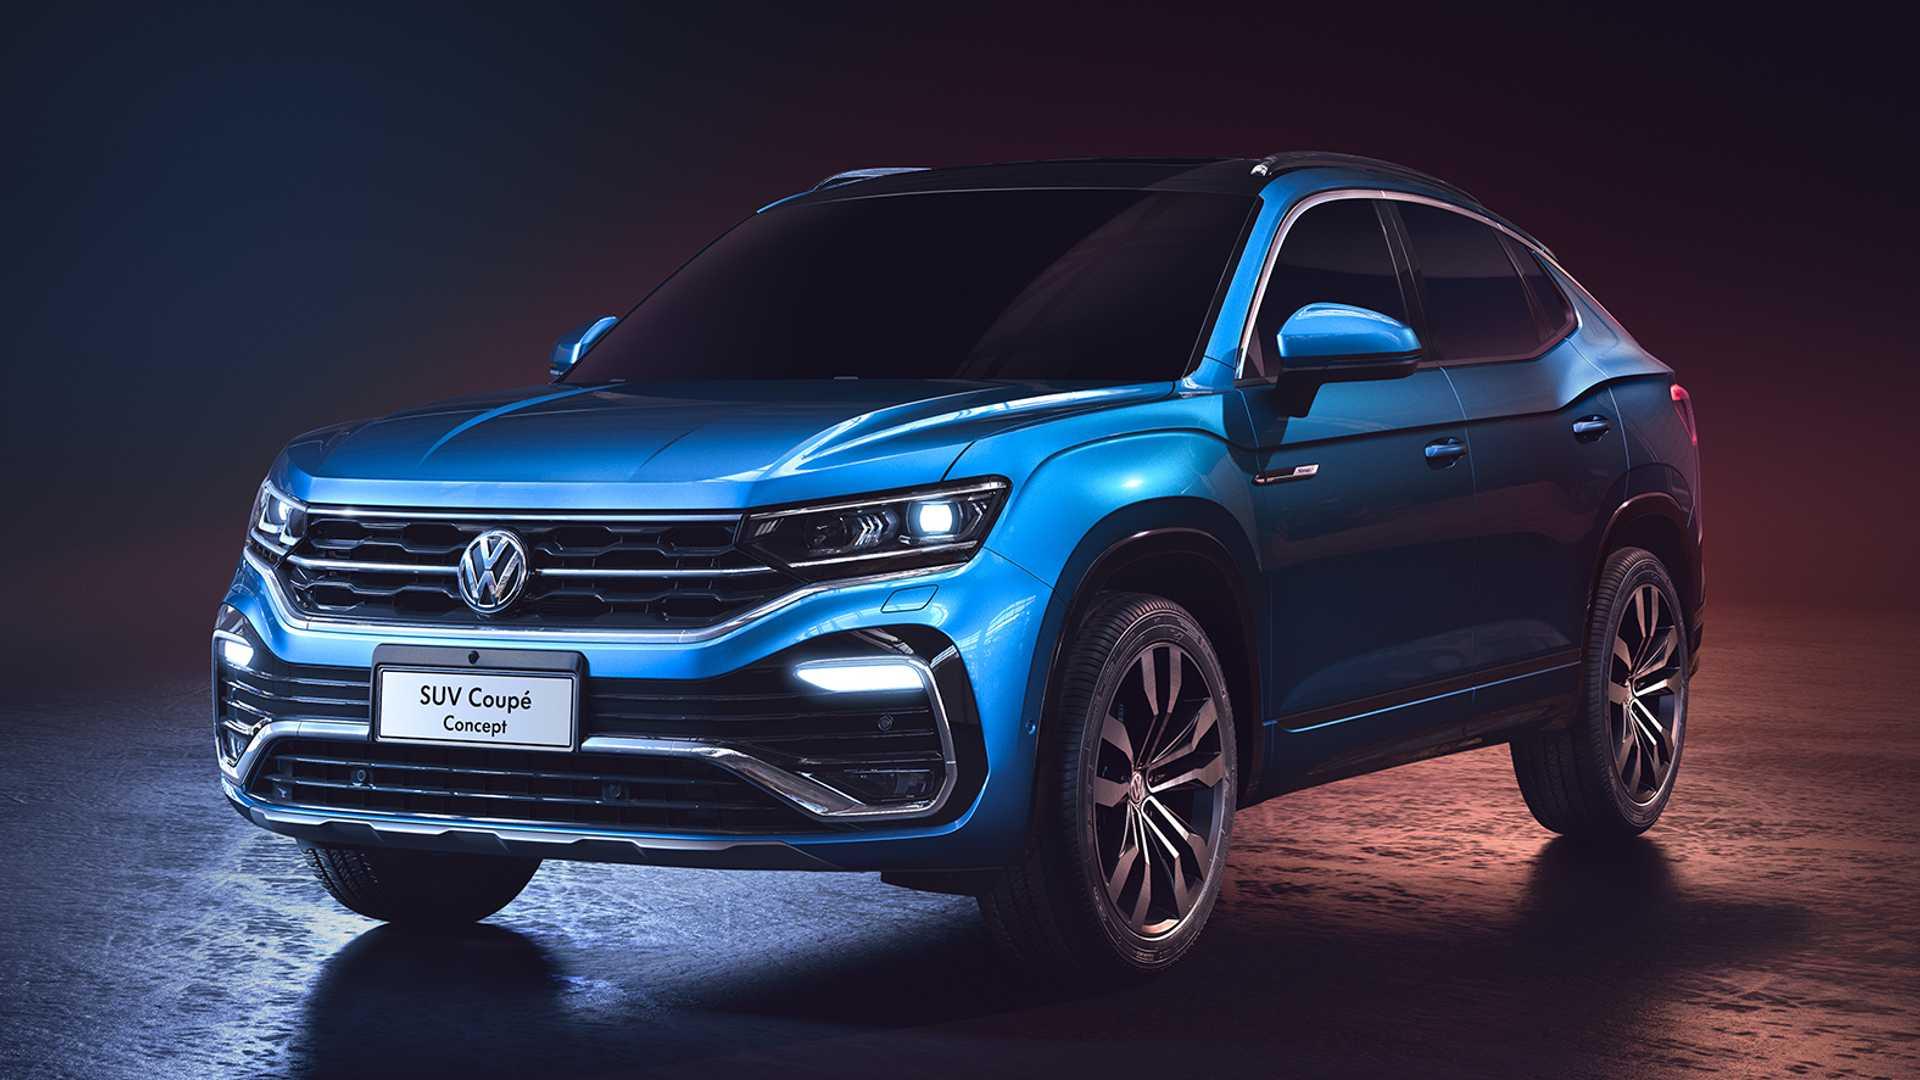 VW SUV Coupé Concept